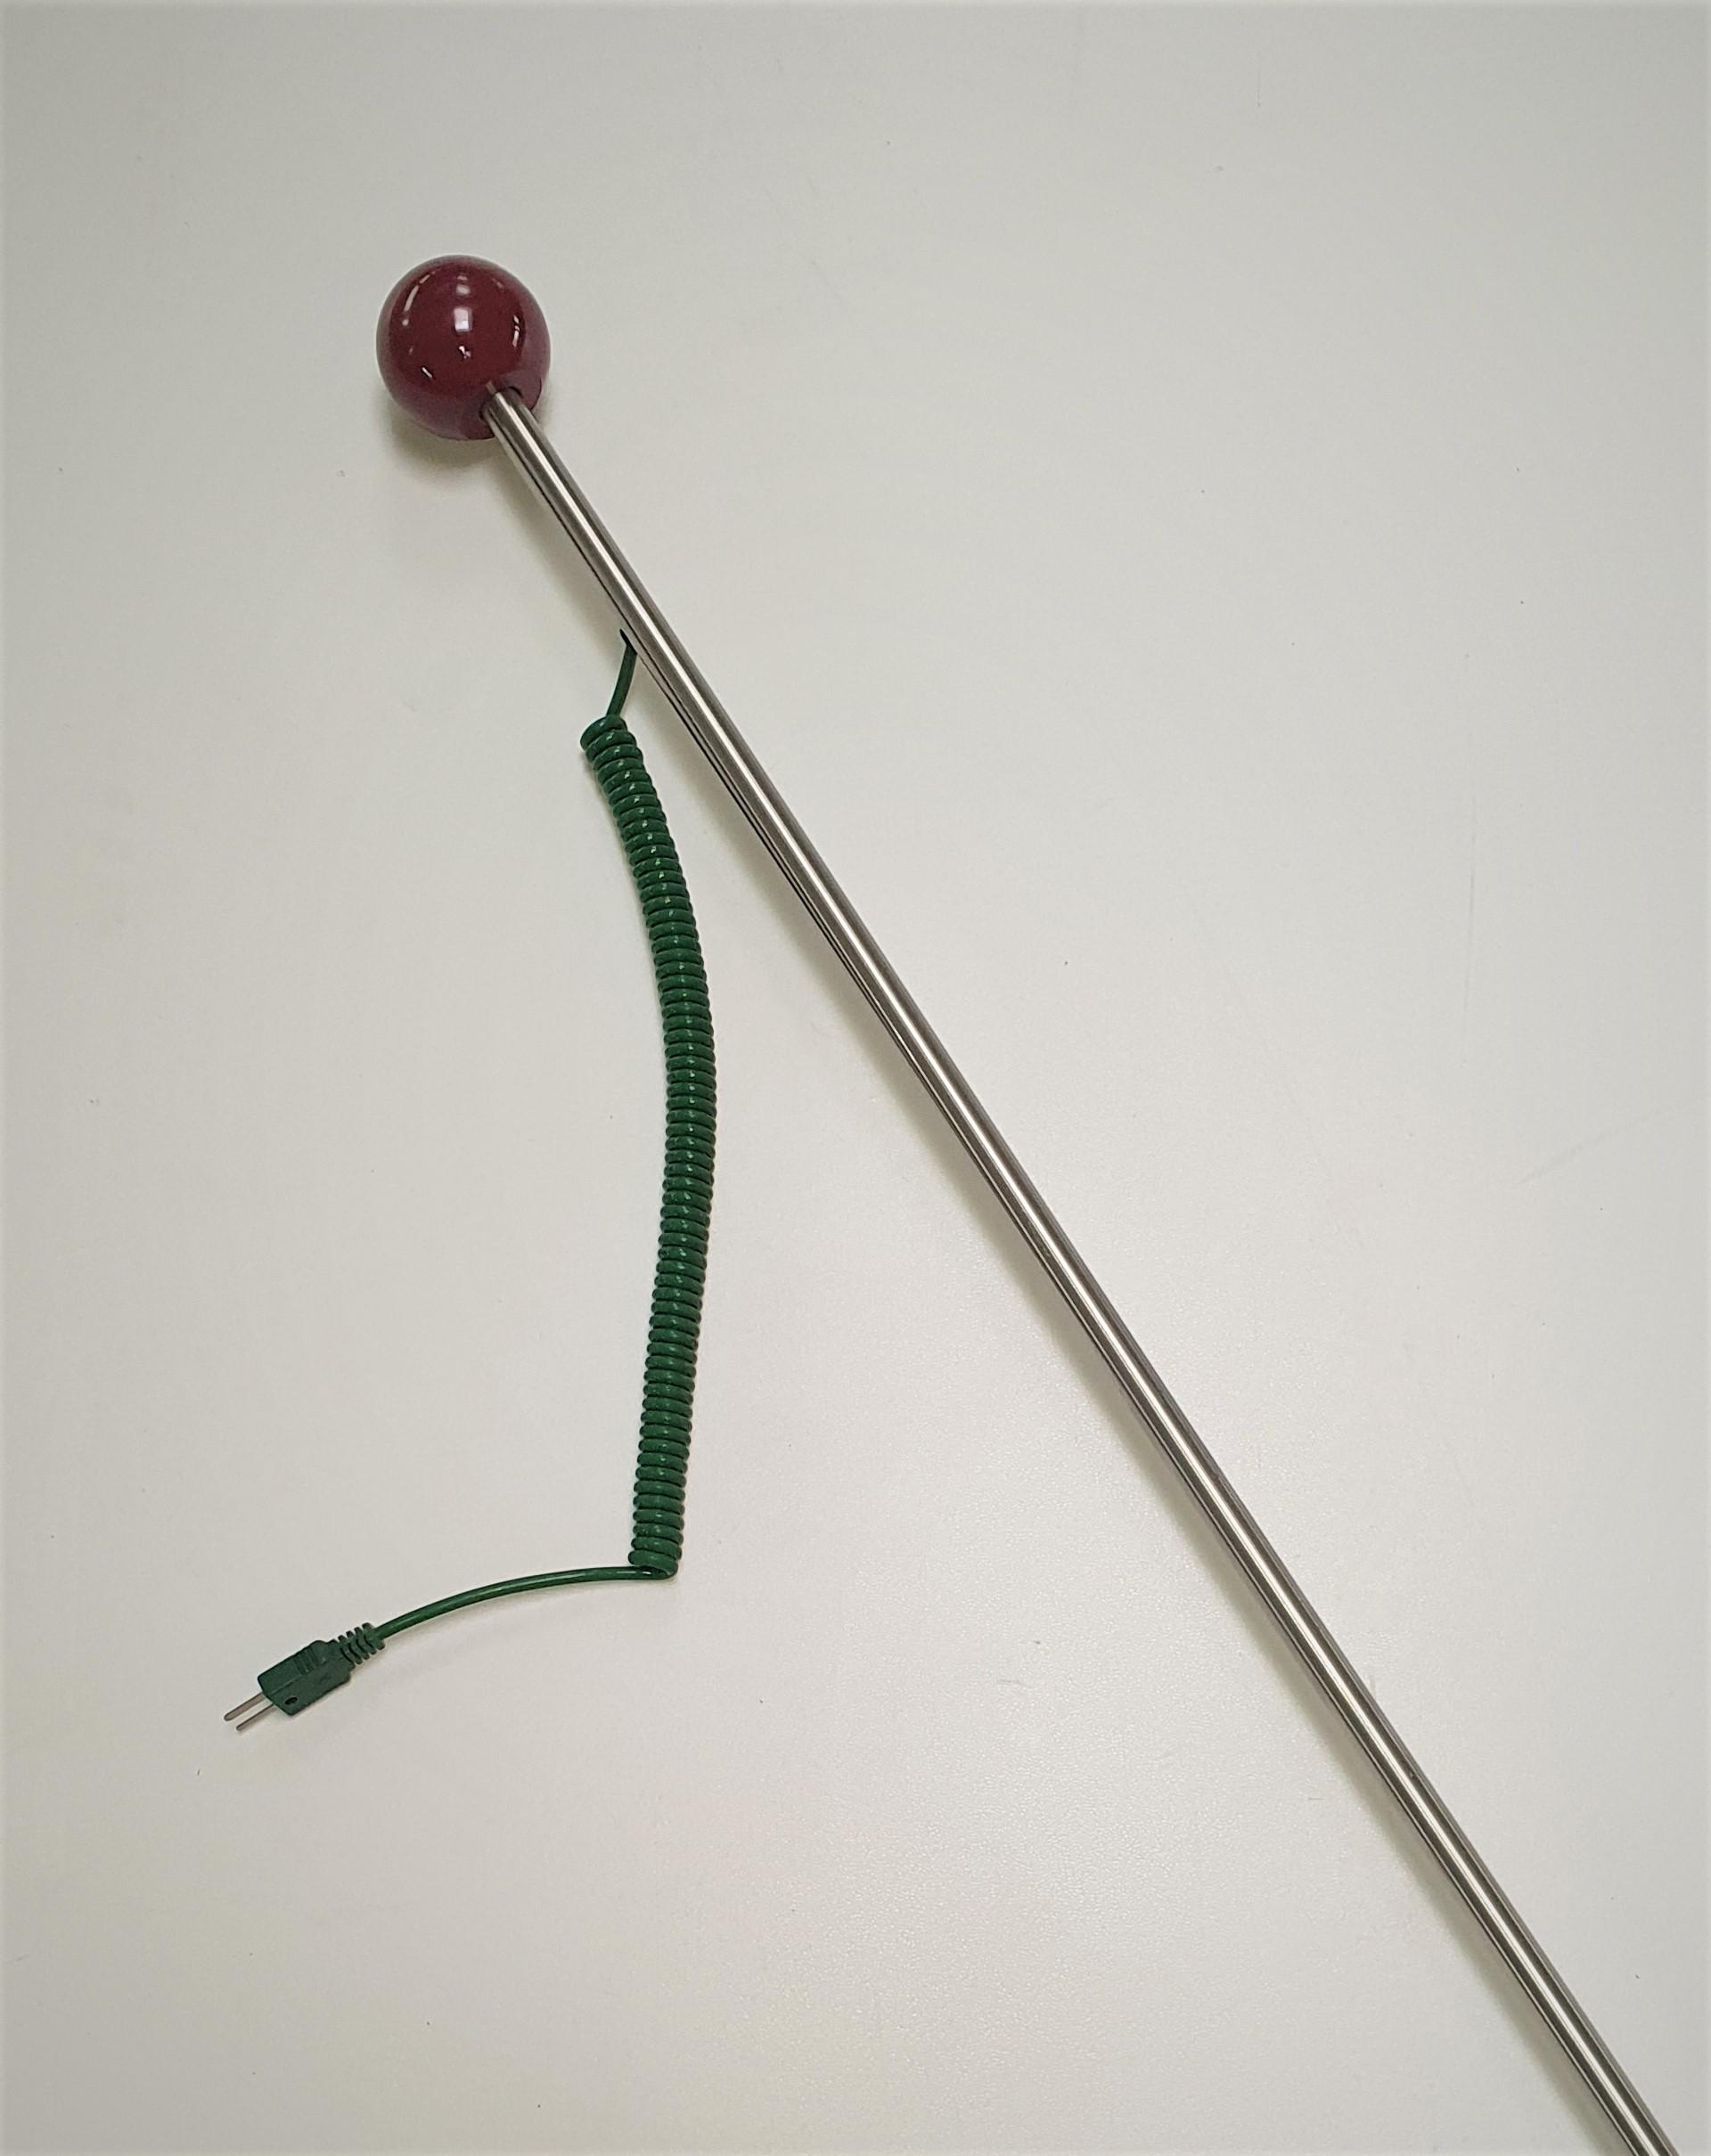 Einstechfühler mit Knauf  Edelstahl 2,0 m   Durchmesser  12 mm